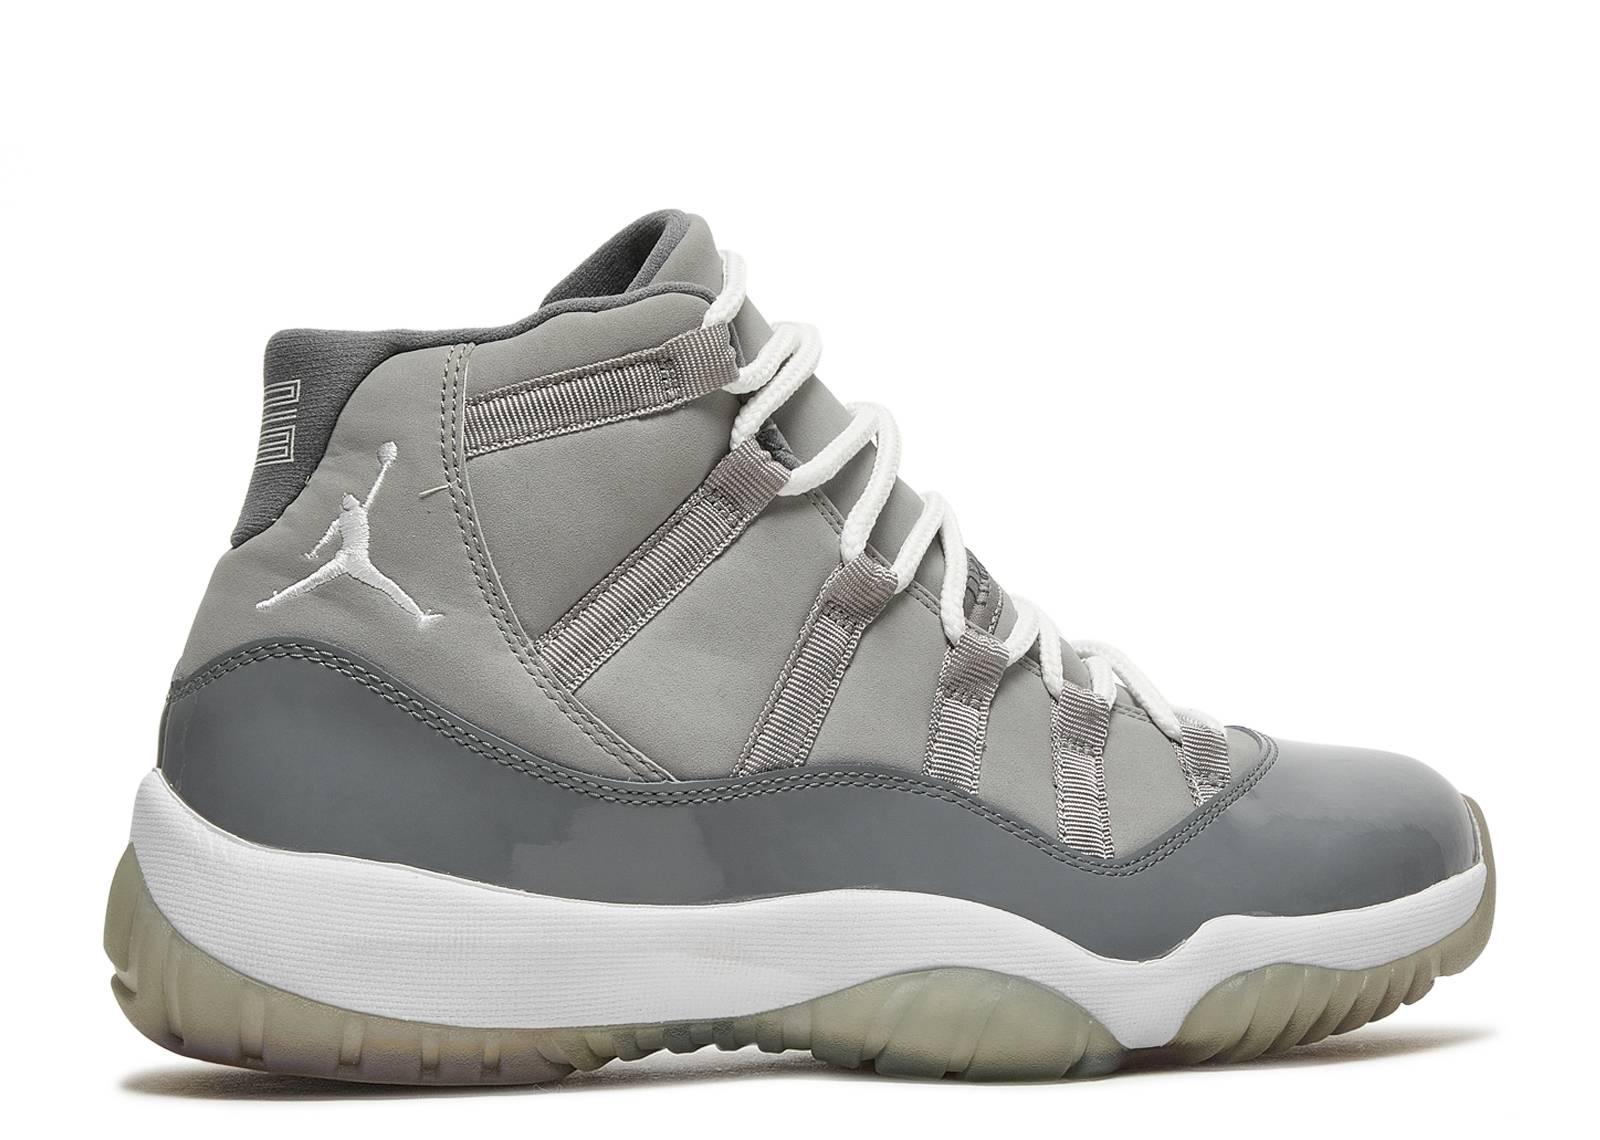 sports shoes 8ba5f 99df5 ... air jordan 11 retro